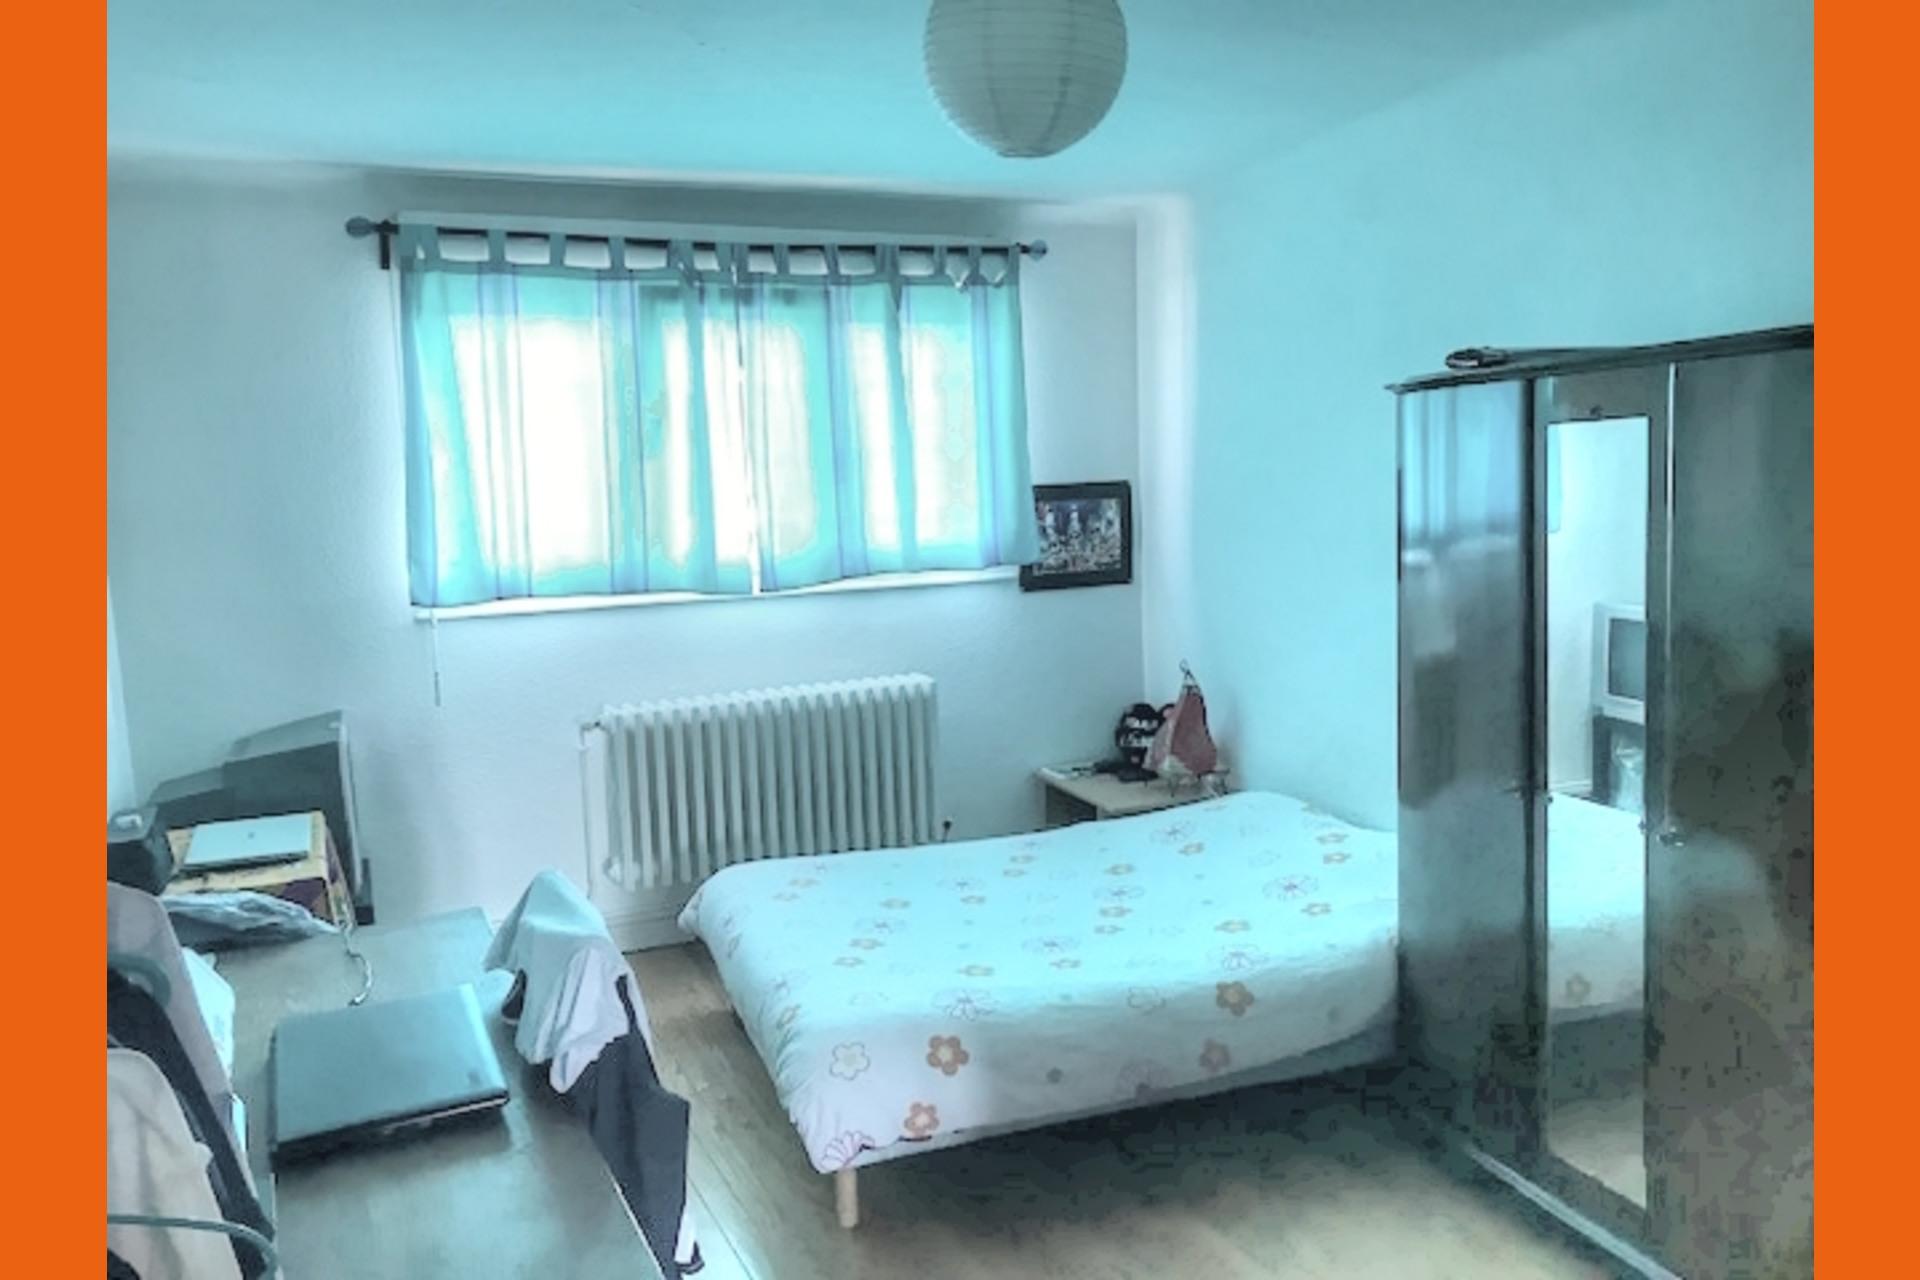 image 2 - Appartement À louer Montigny-lès-Metz